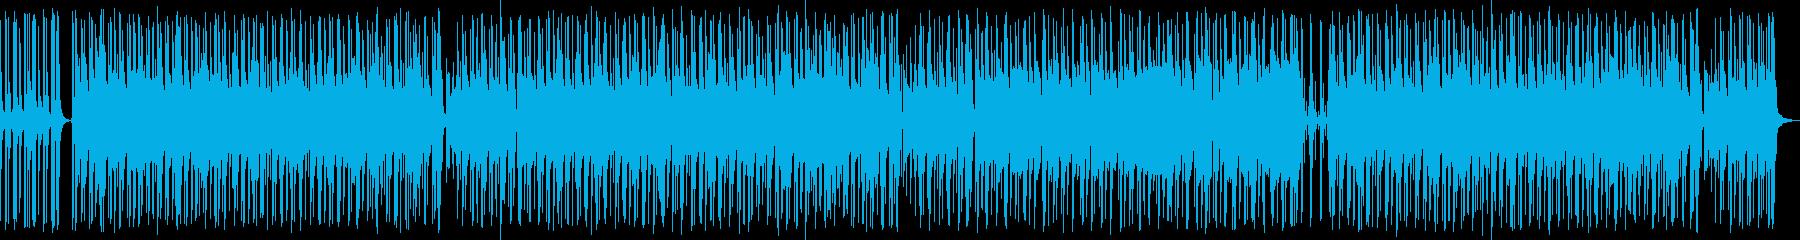 口笛とリコーダーのハイテンポで楽しい曲Lの再生済みの波形